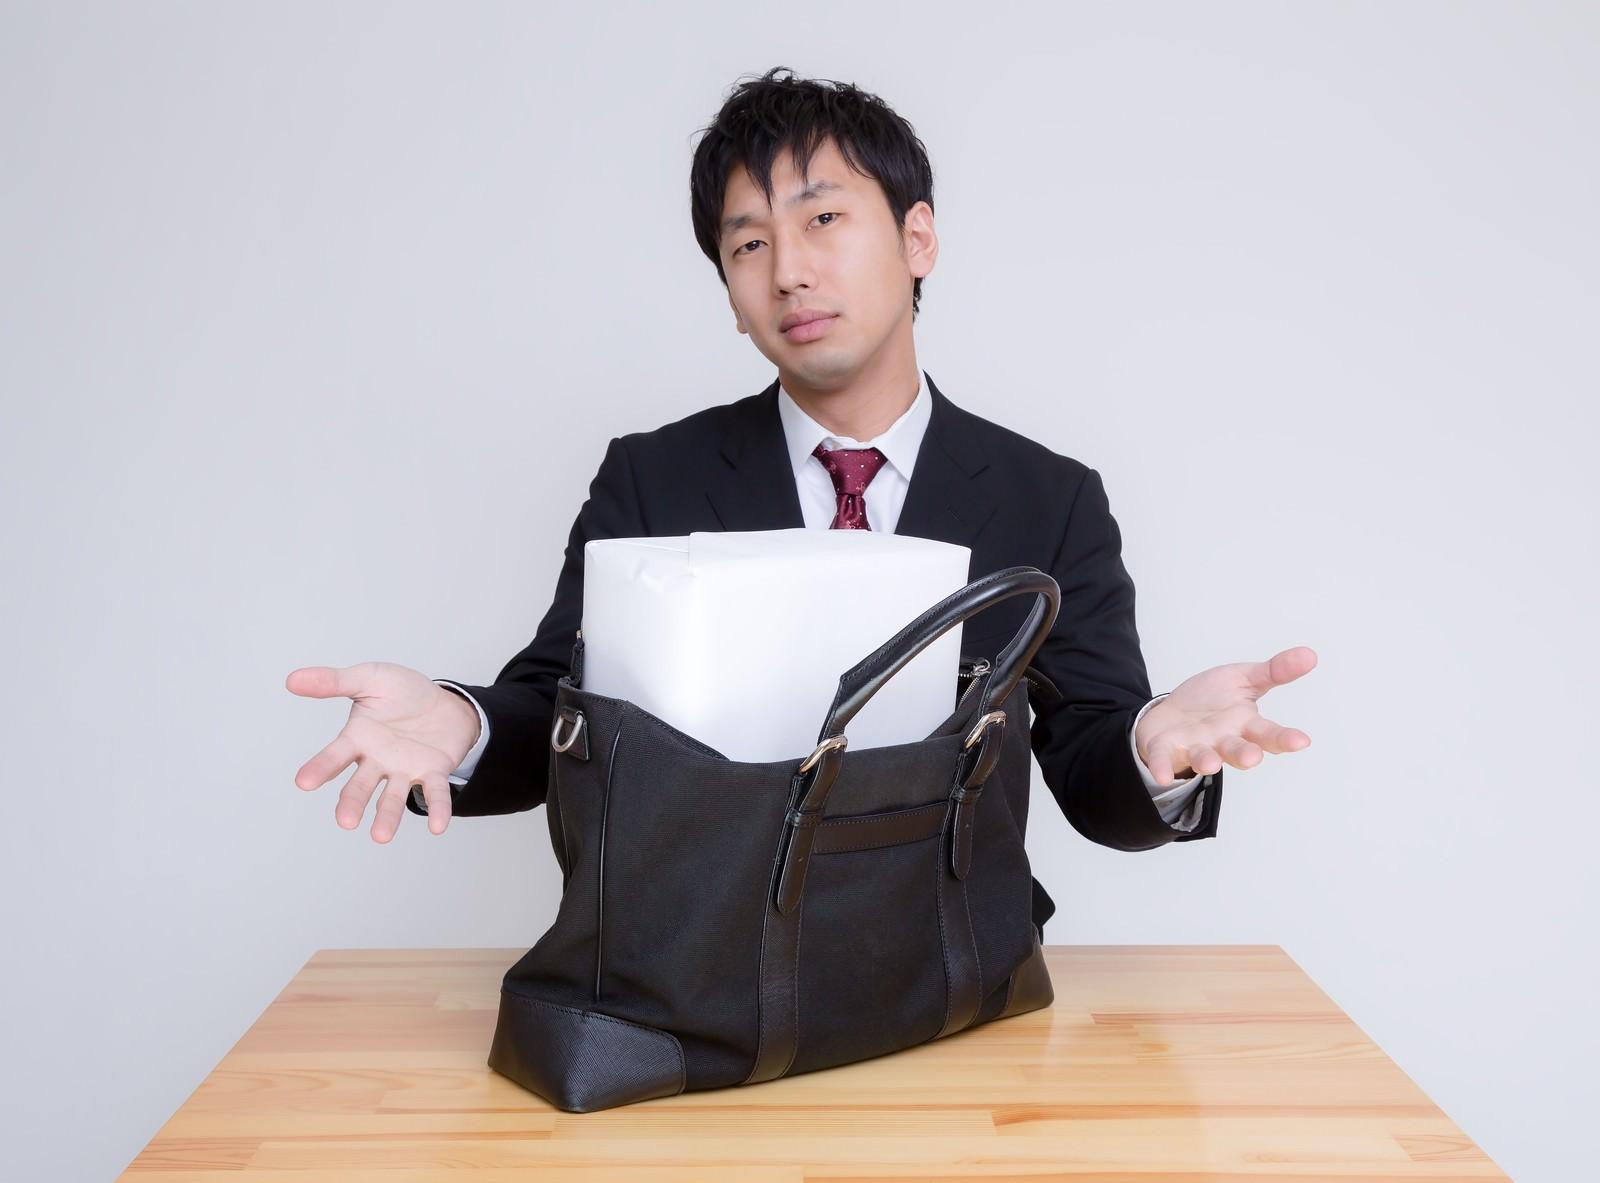 「札束に見立てた箱がかばんに入らない男性 札束に見立てた箱がかばんに入らない男性 」[モデル:大川竜弥]のフリー写真素材を拡大